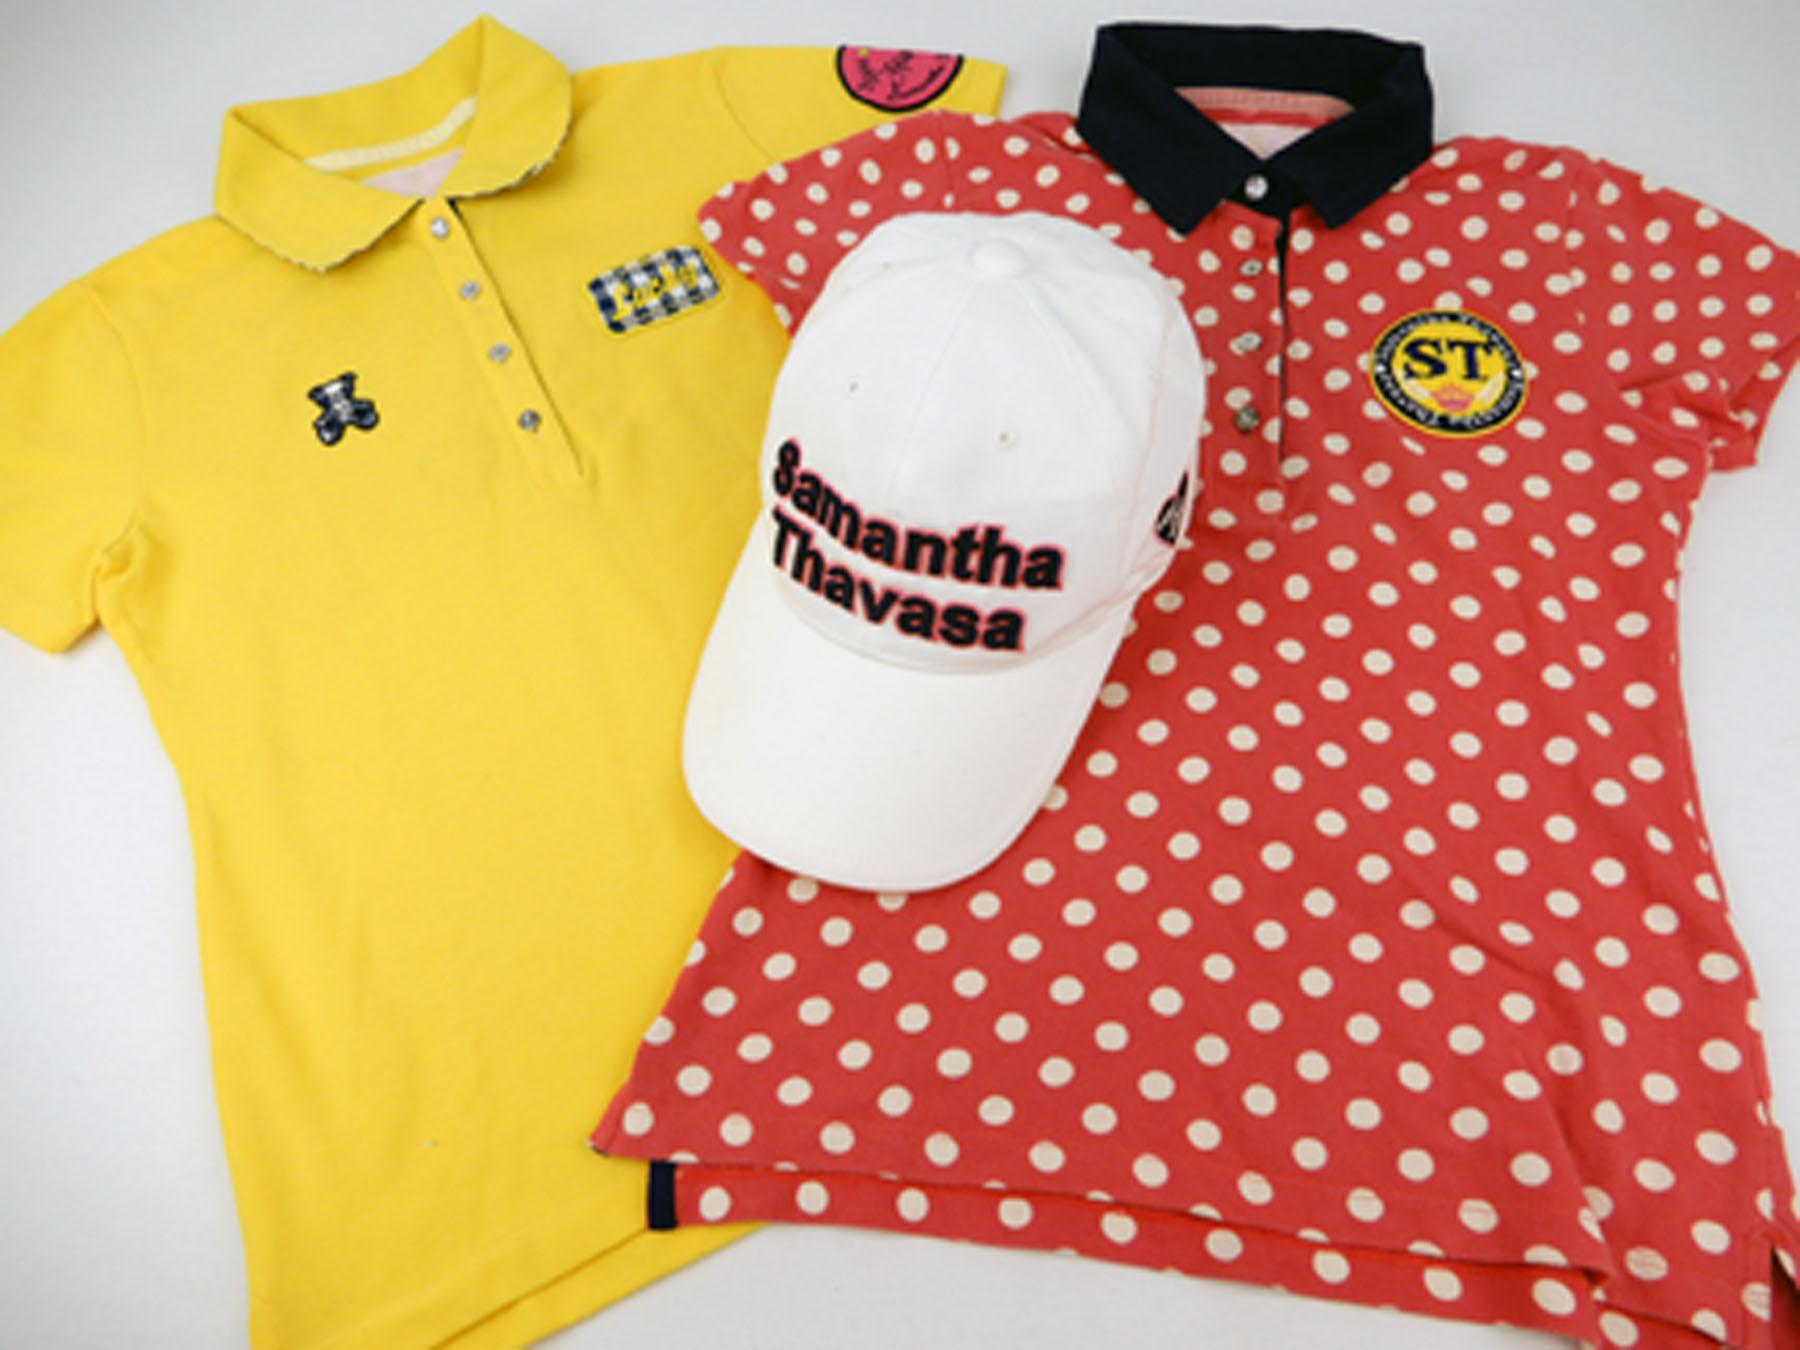 サマンサタバサの水玉ポロシャツと黄色のポロシャツとロゴ付きポロシャツです。